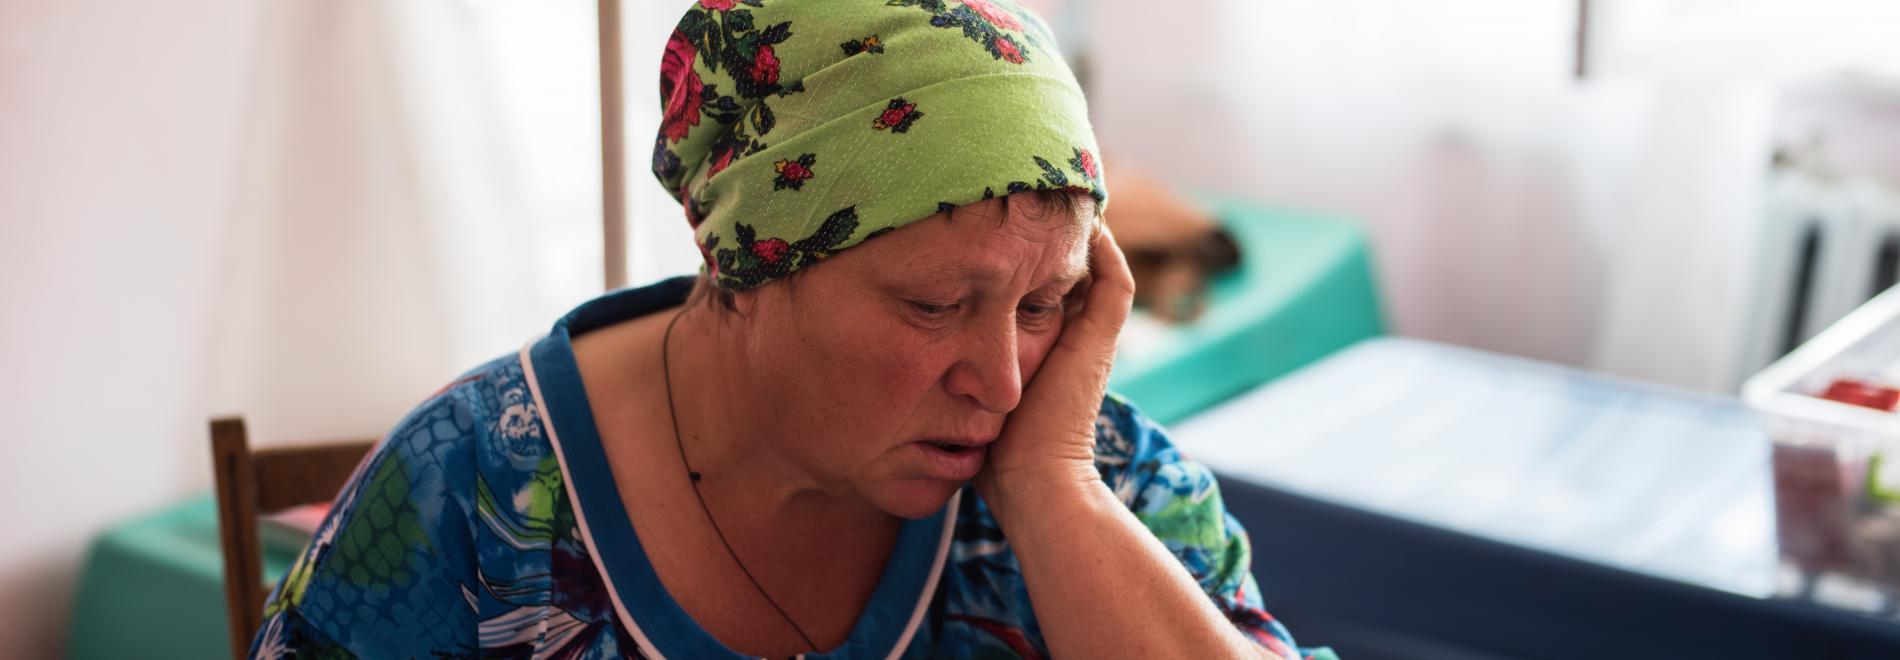 Eine Frau in der Ostukraine. Foto: Evgeniy Maloletka